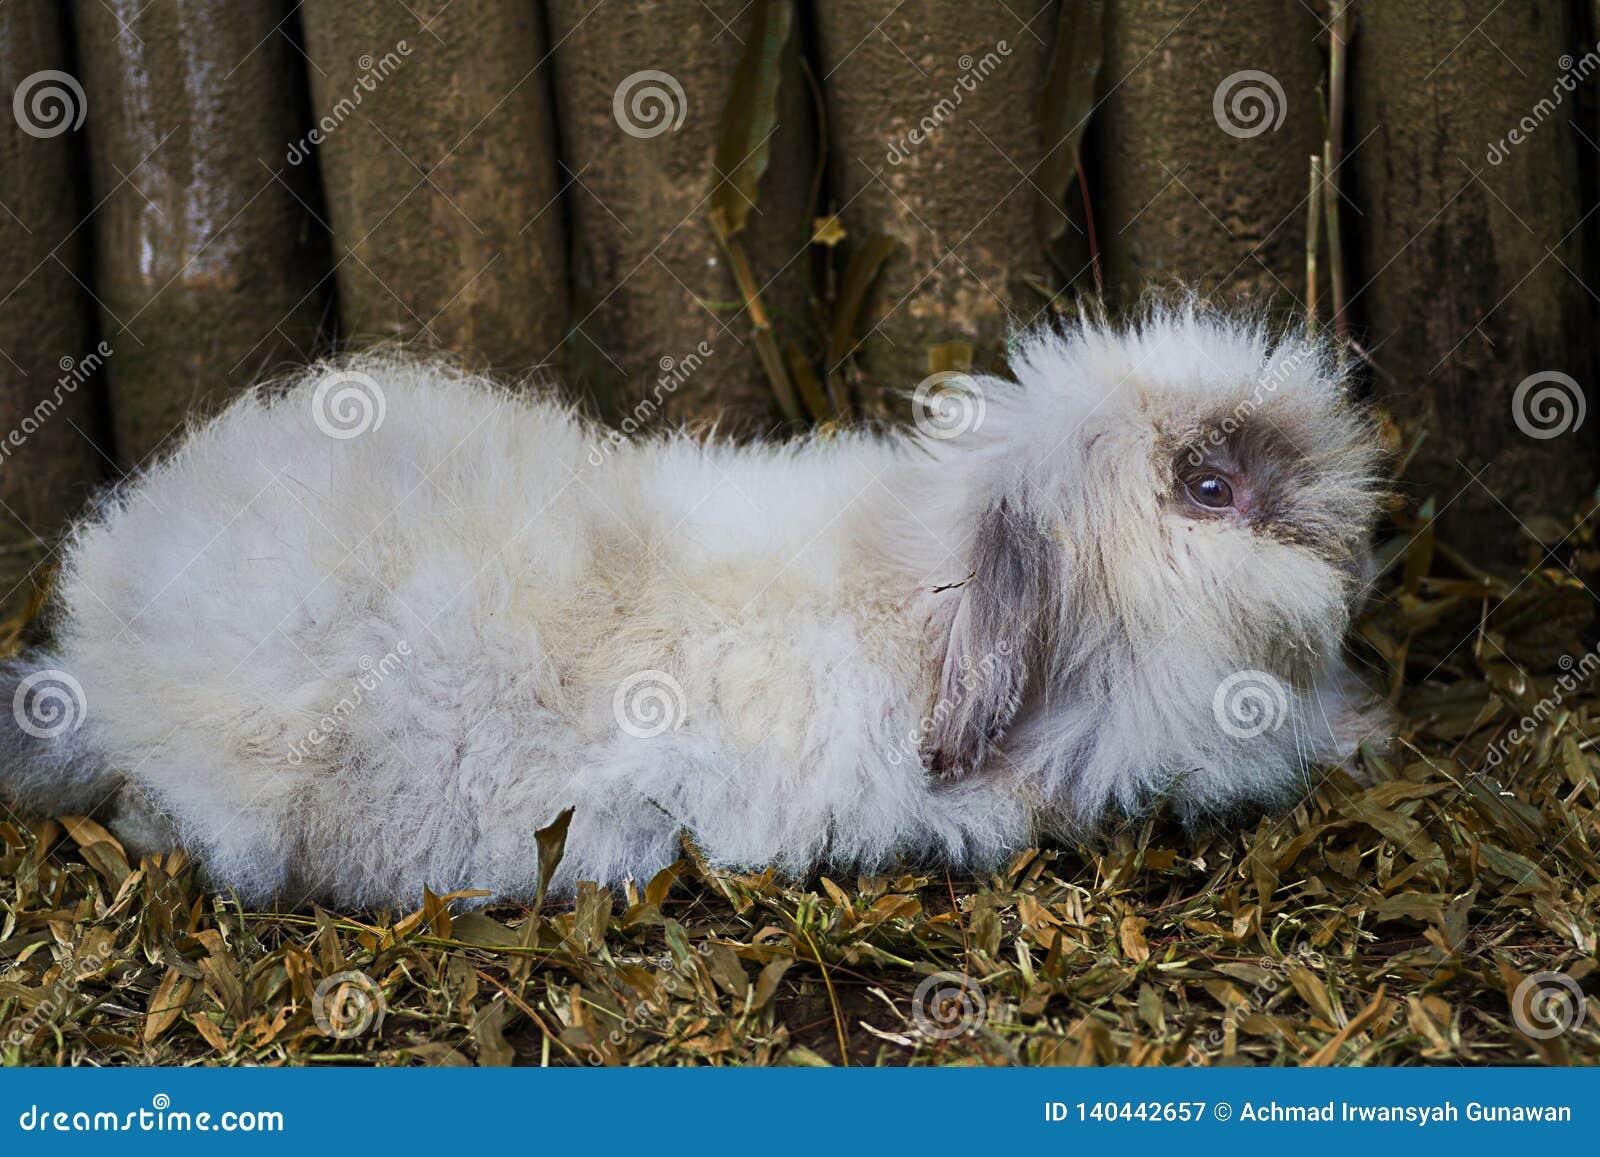 Conejo del angora relajado cerca de las cercas de madera